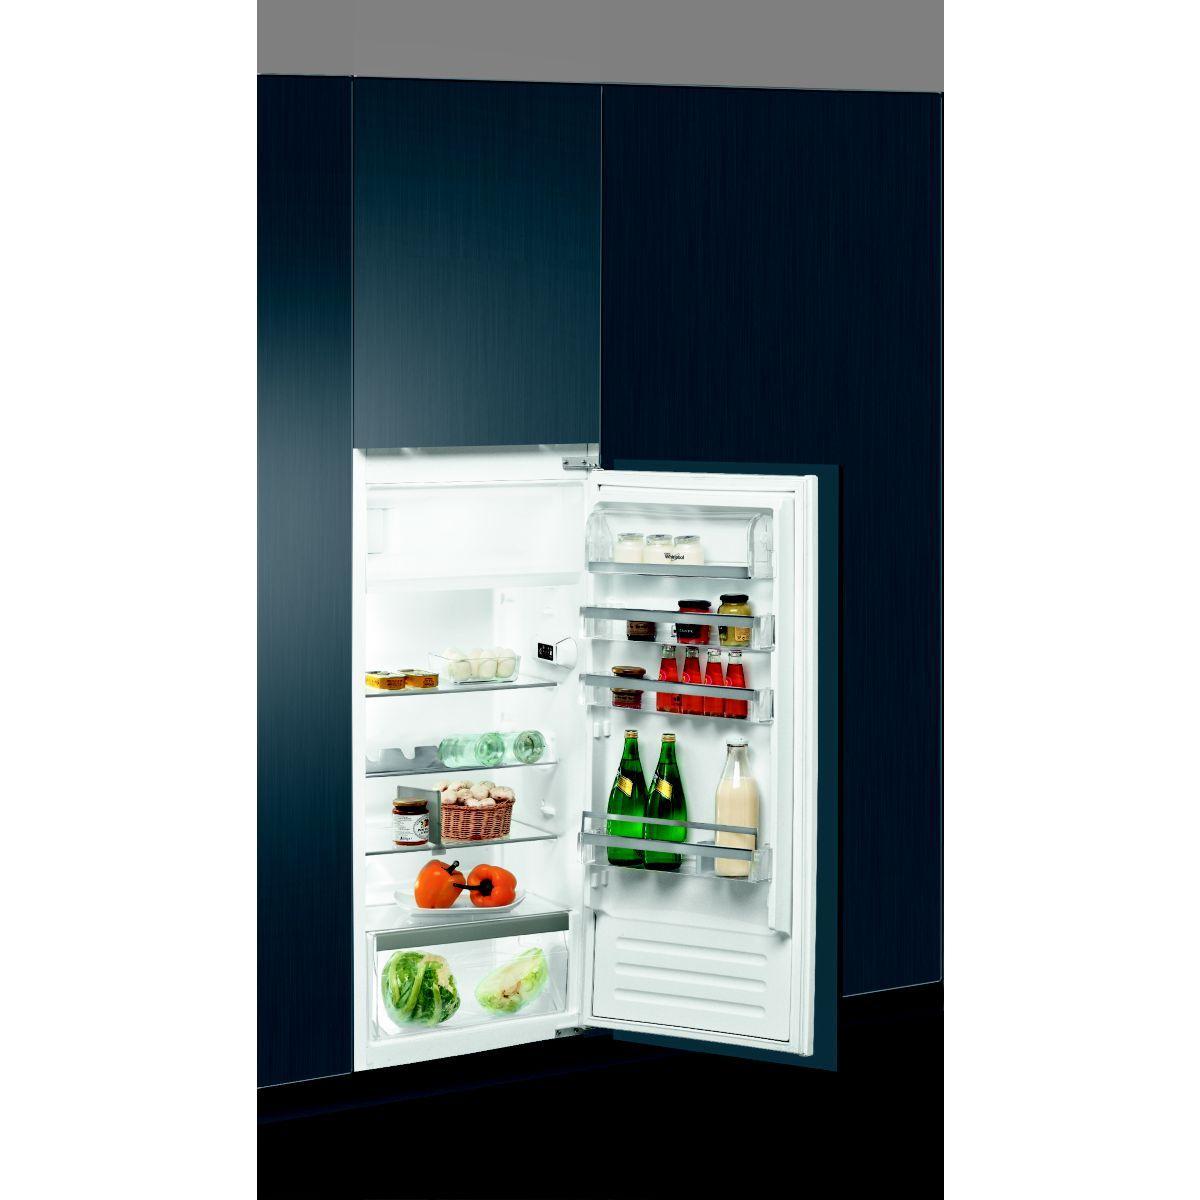 Réfrigérateur 1 porte encastrable WHIRLPOOL ARG867/A+